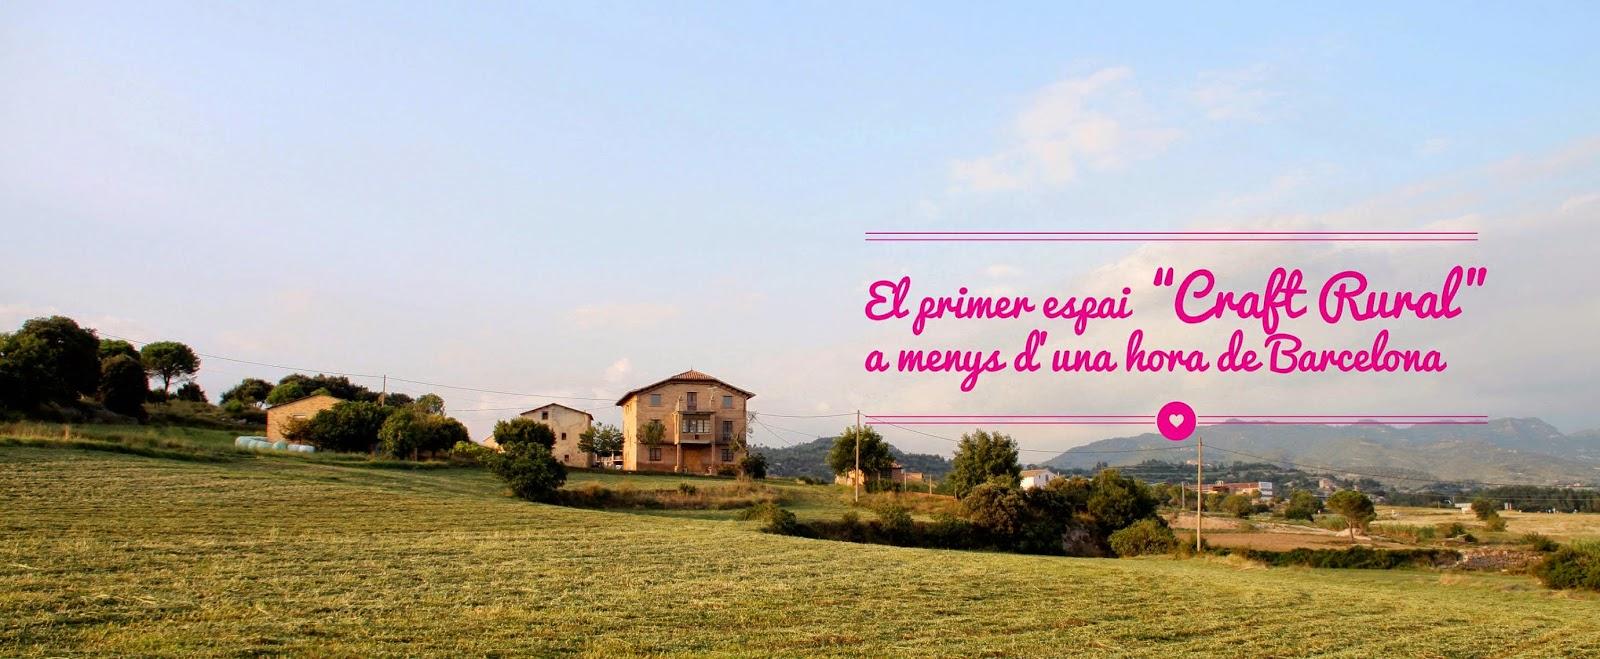 Lugares para soñar | Casa la Iaia